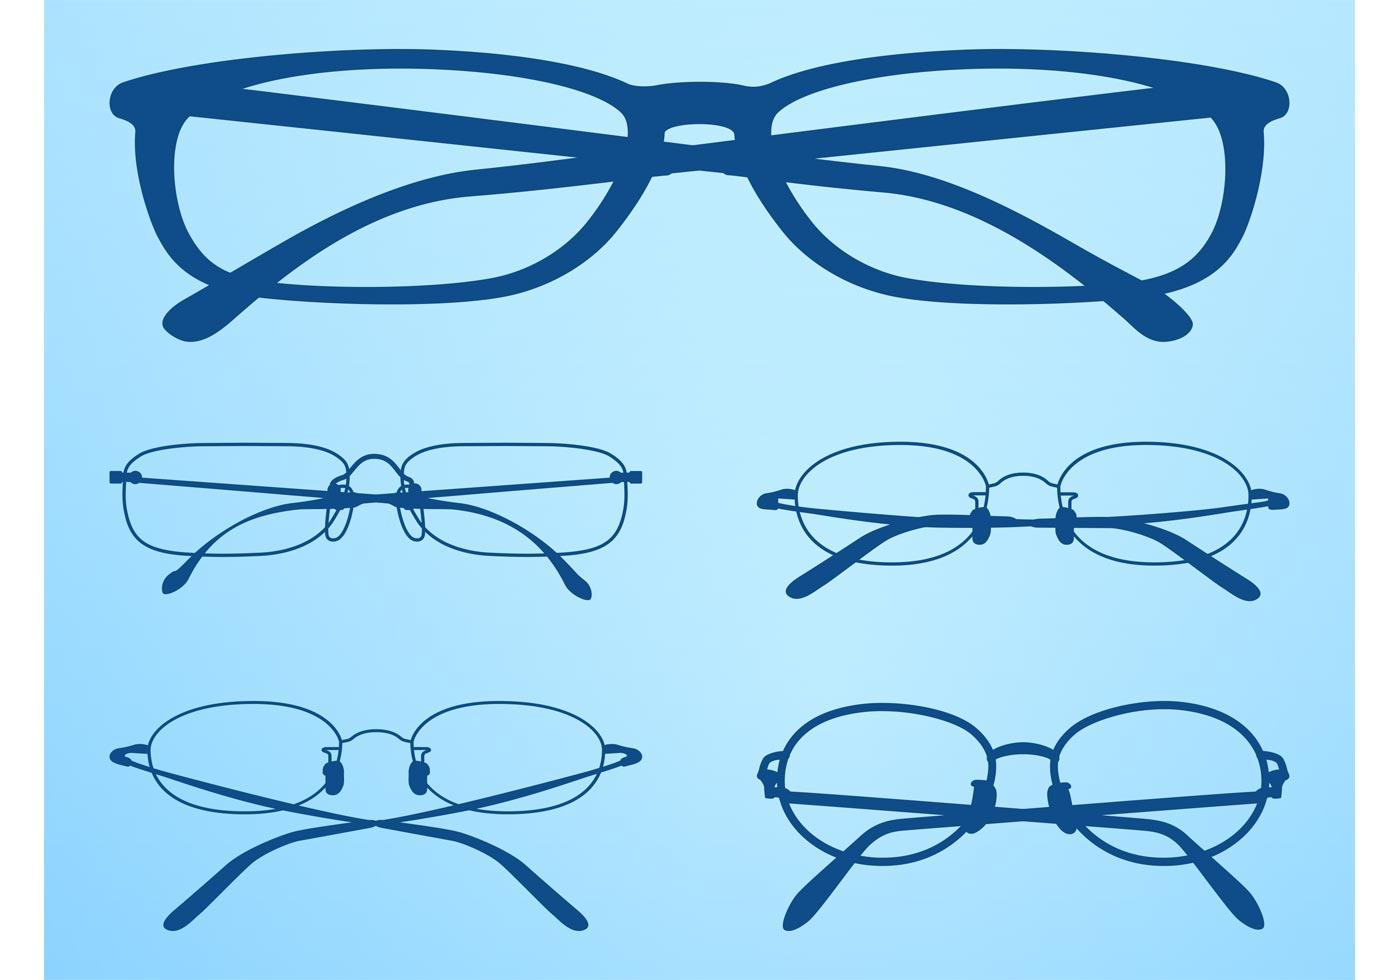 Glasses Frames Vector : Glasses Frames Vectors Set - Download Free Vector Art ...